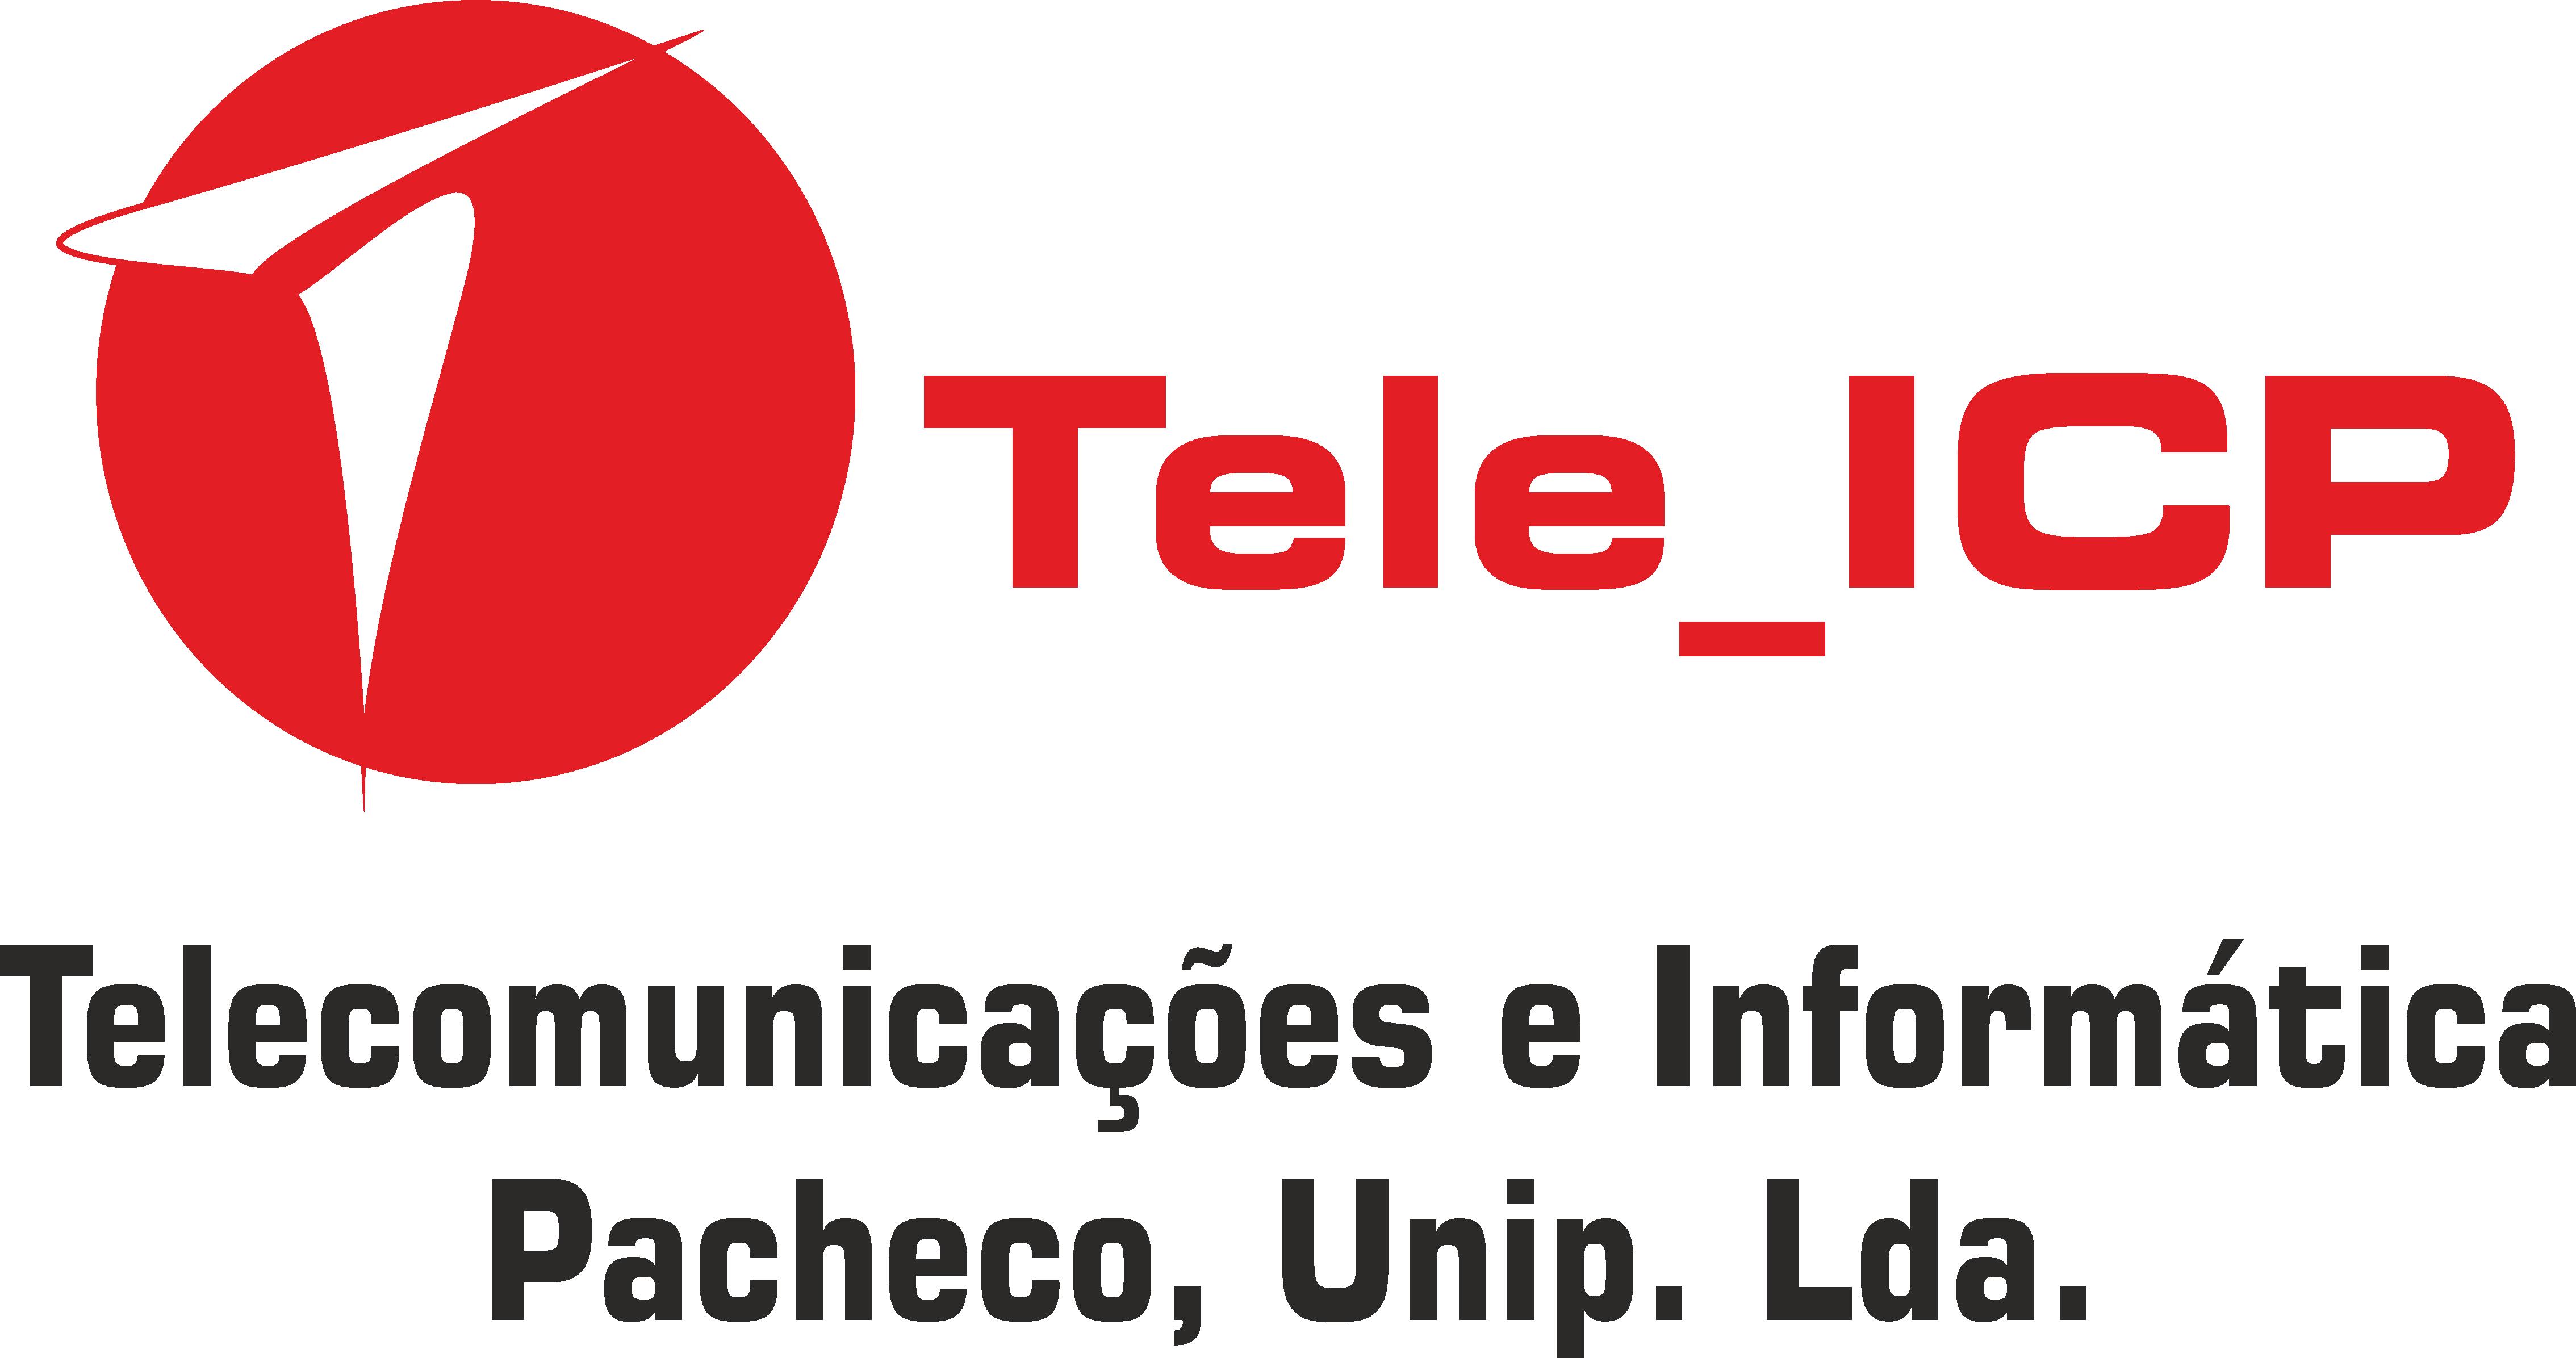 Telecomunicações e Informática Pacheco, Unip. Lda